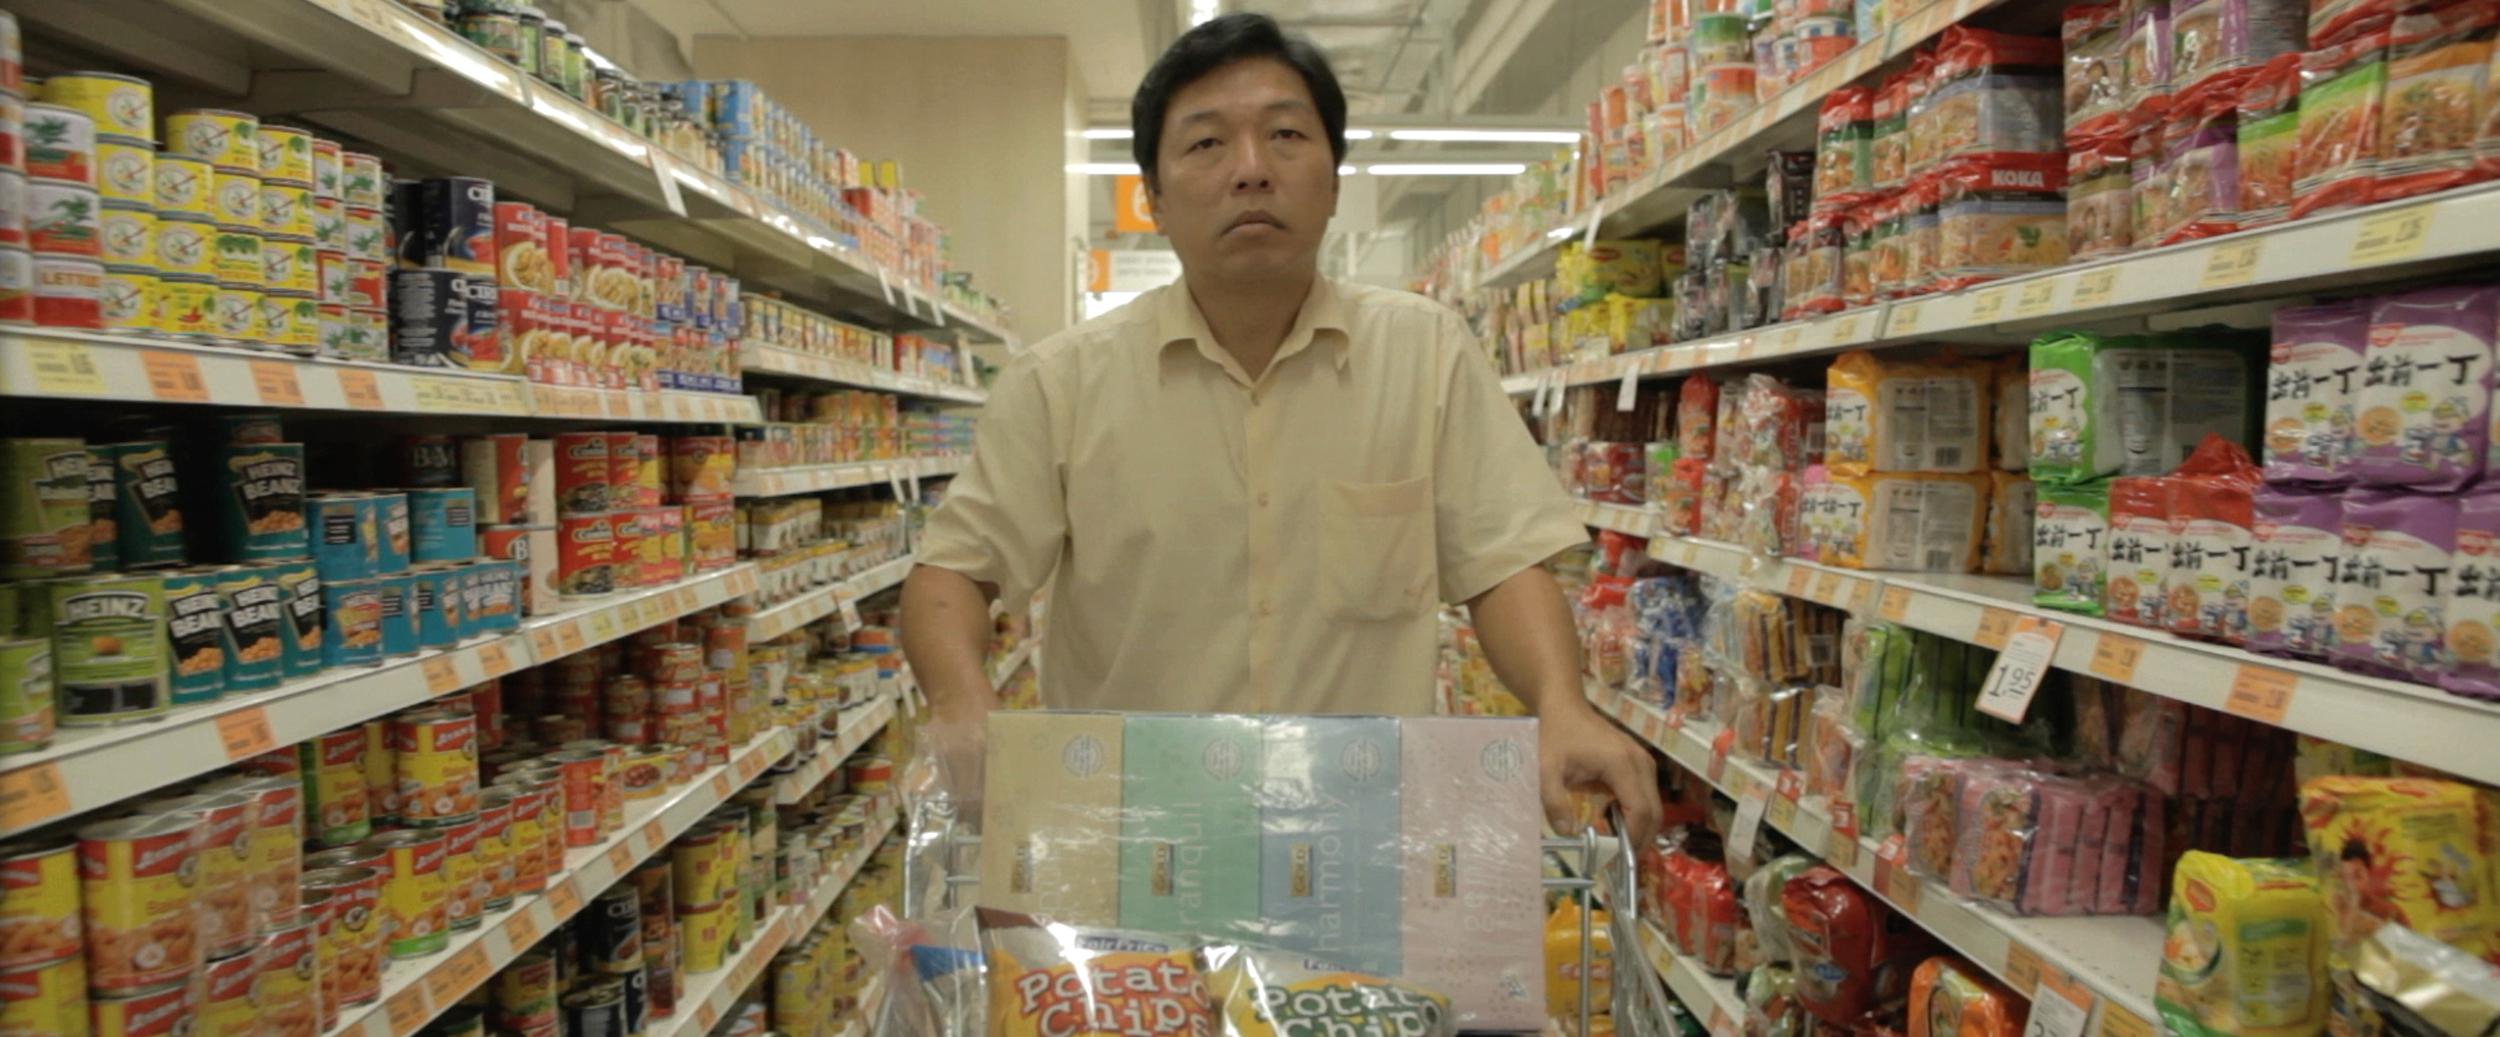 Alone Together Michael Supermarket .jpg